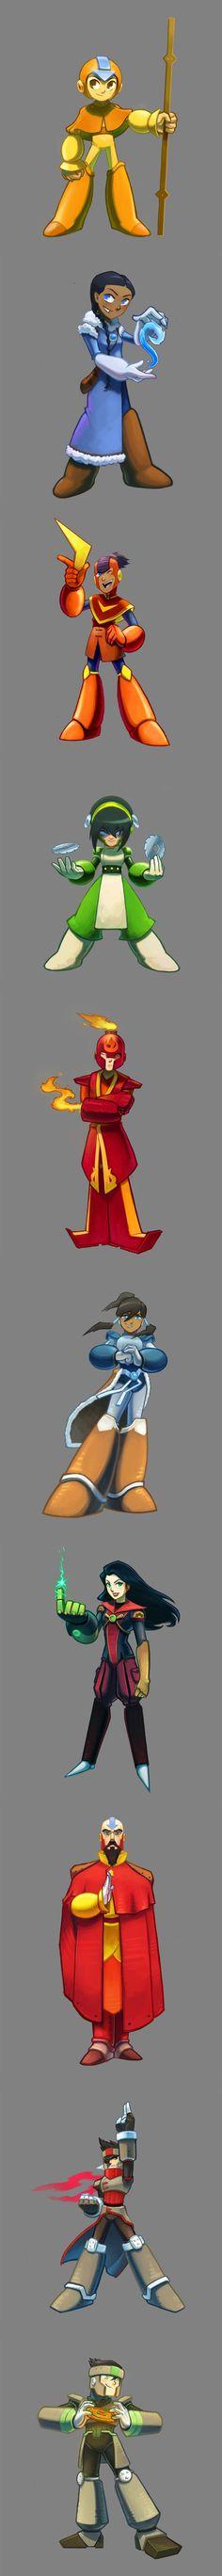 Avatar-Megaman.jpg (820×9510)